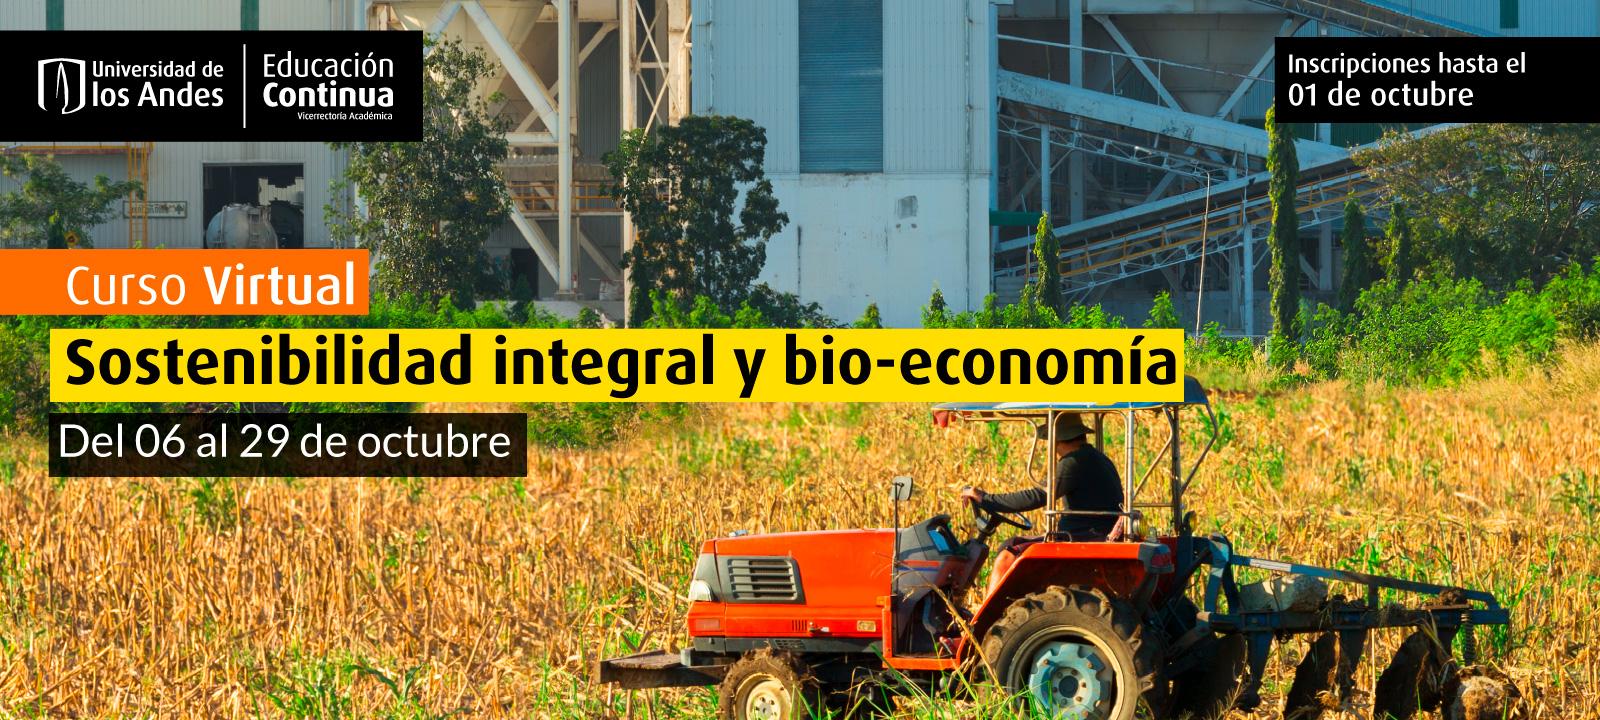 Curso virtual - Sostenibilidad integral y bio-economía